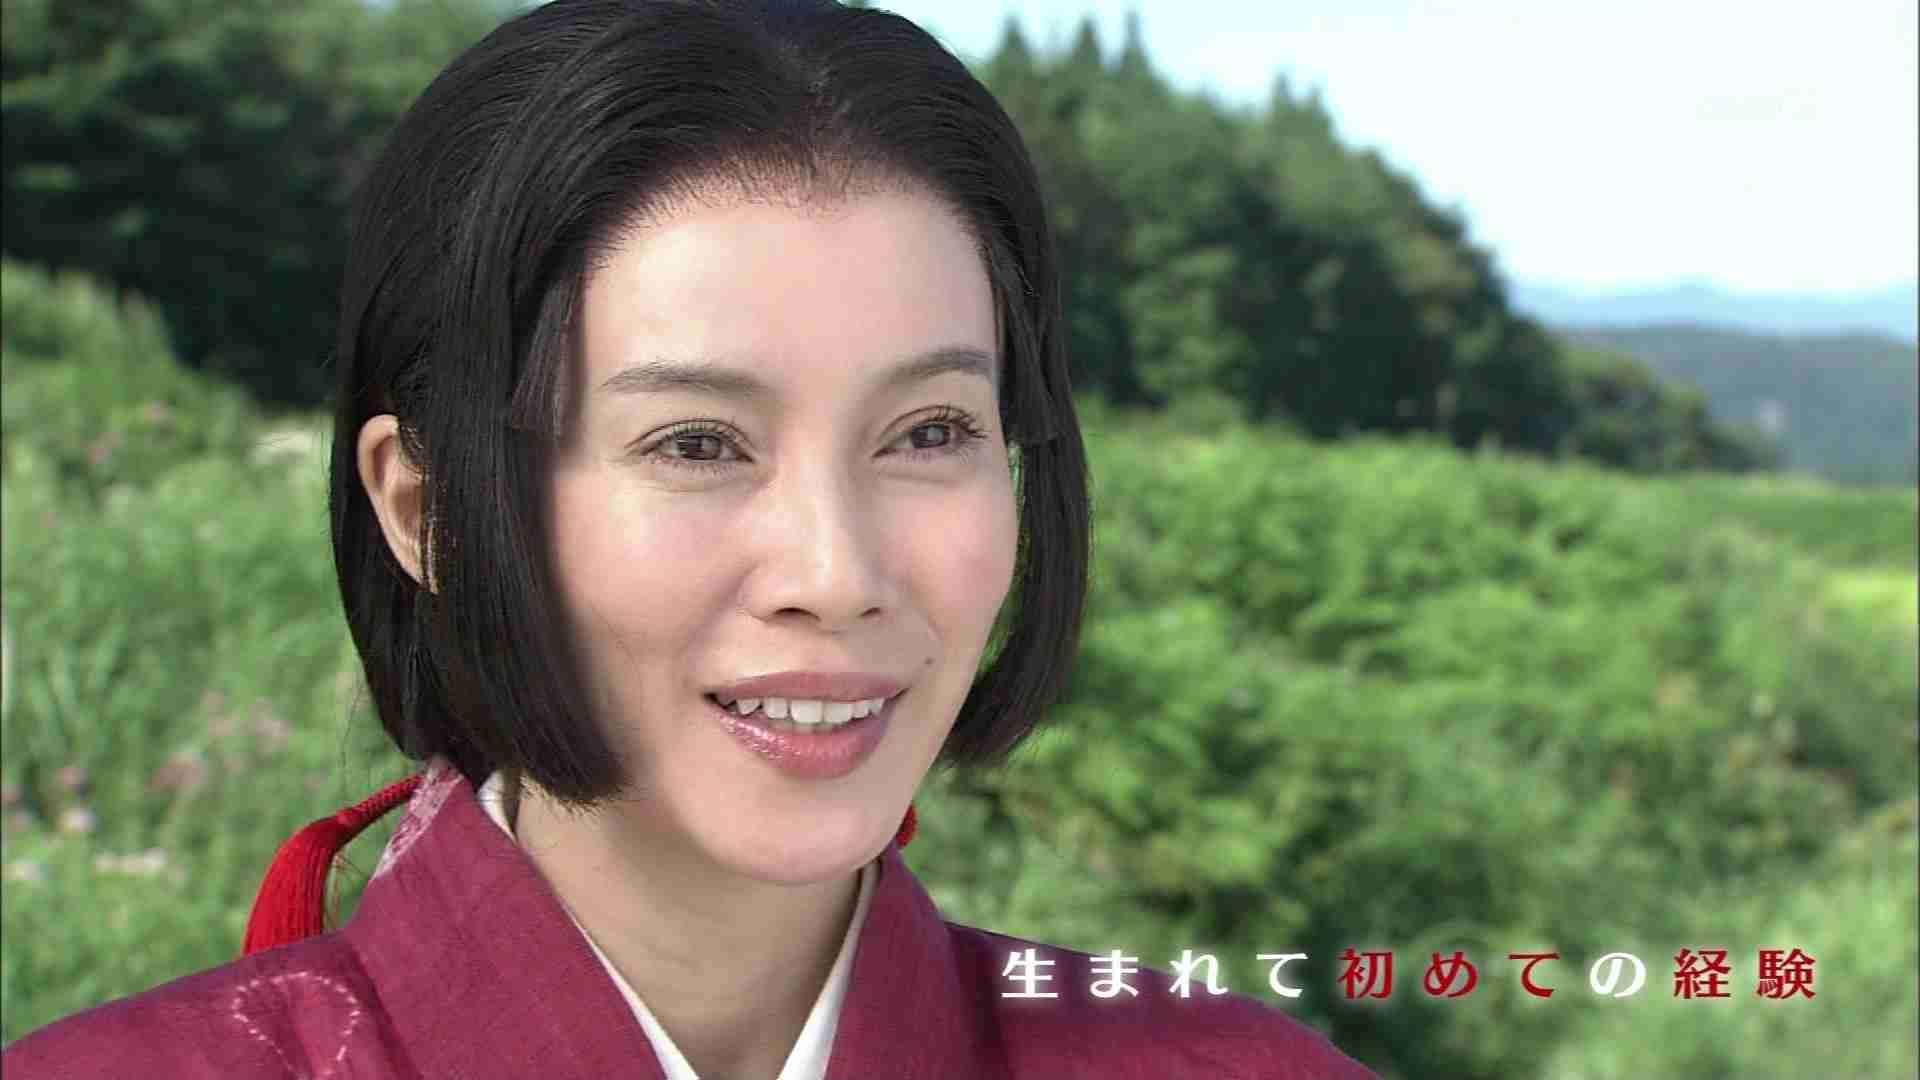 中谷美紀 渡部篤郎との交際質問にただ笑顔